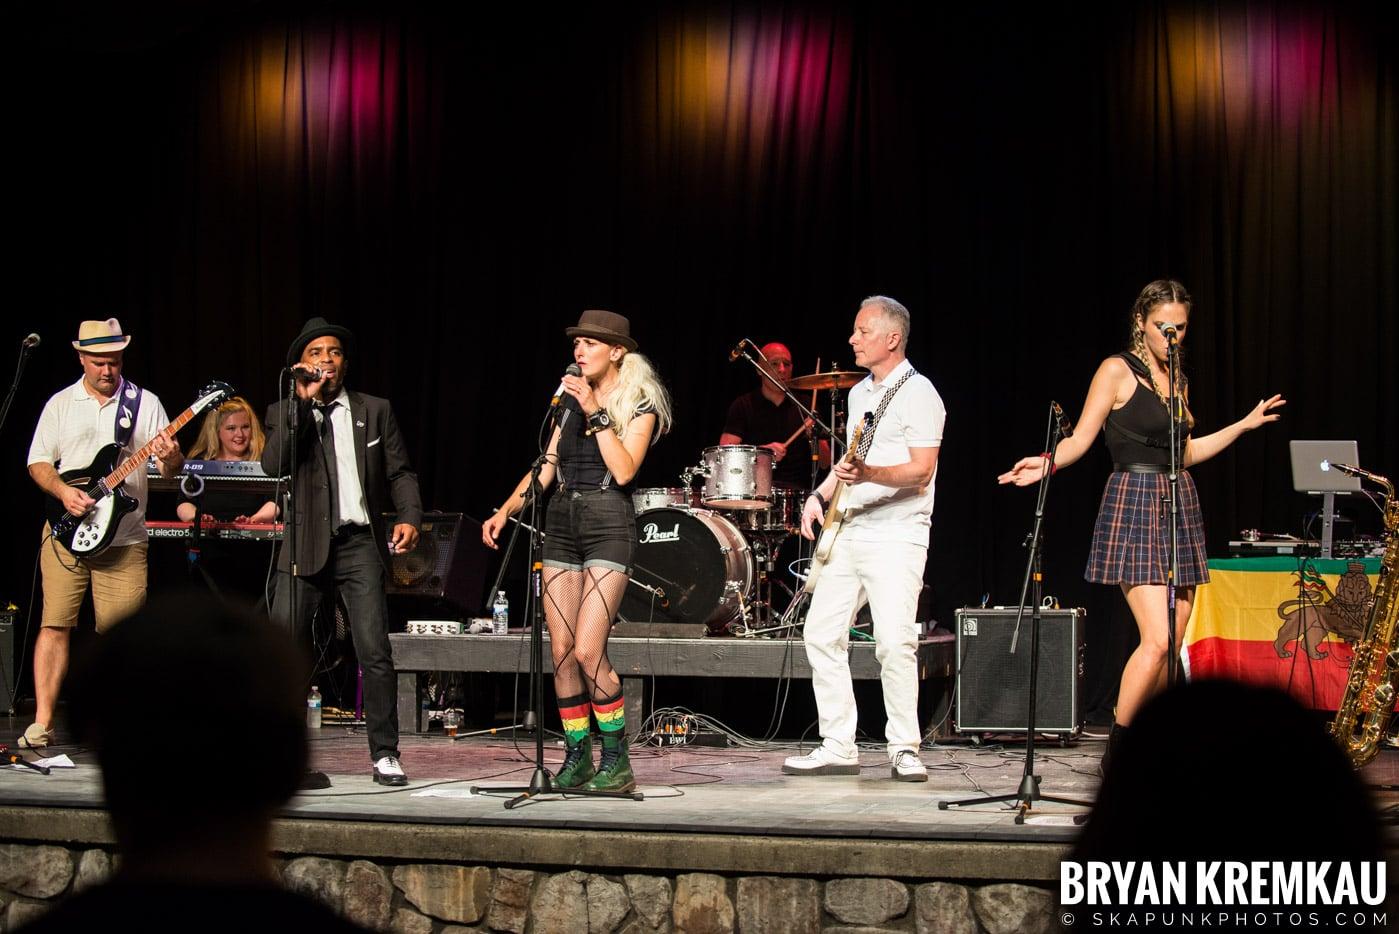 Rude Boy George @ Oskar Schindler Performing Arts Center, West Orange, NJ - 8.19.17 (27)